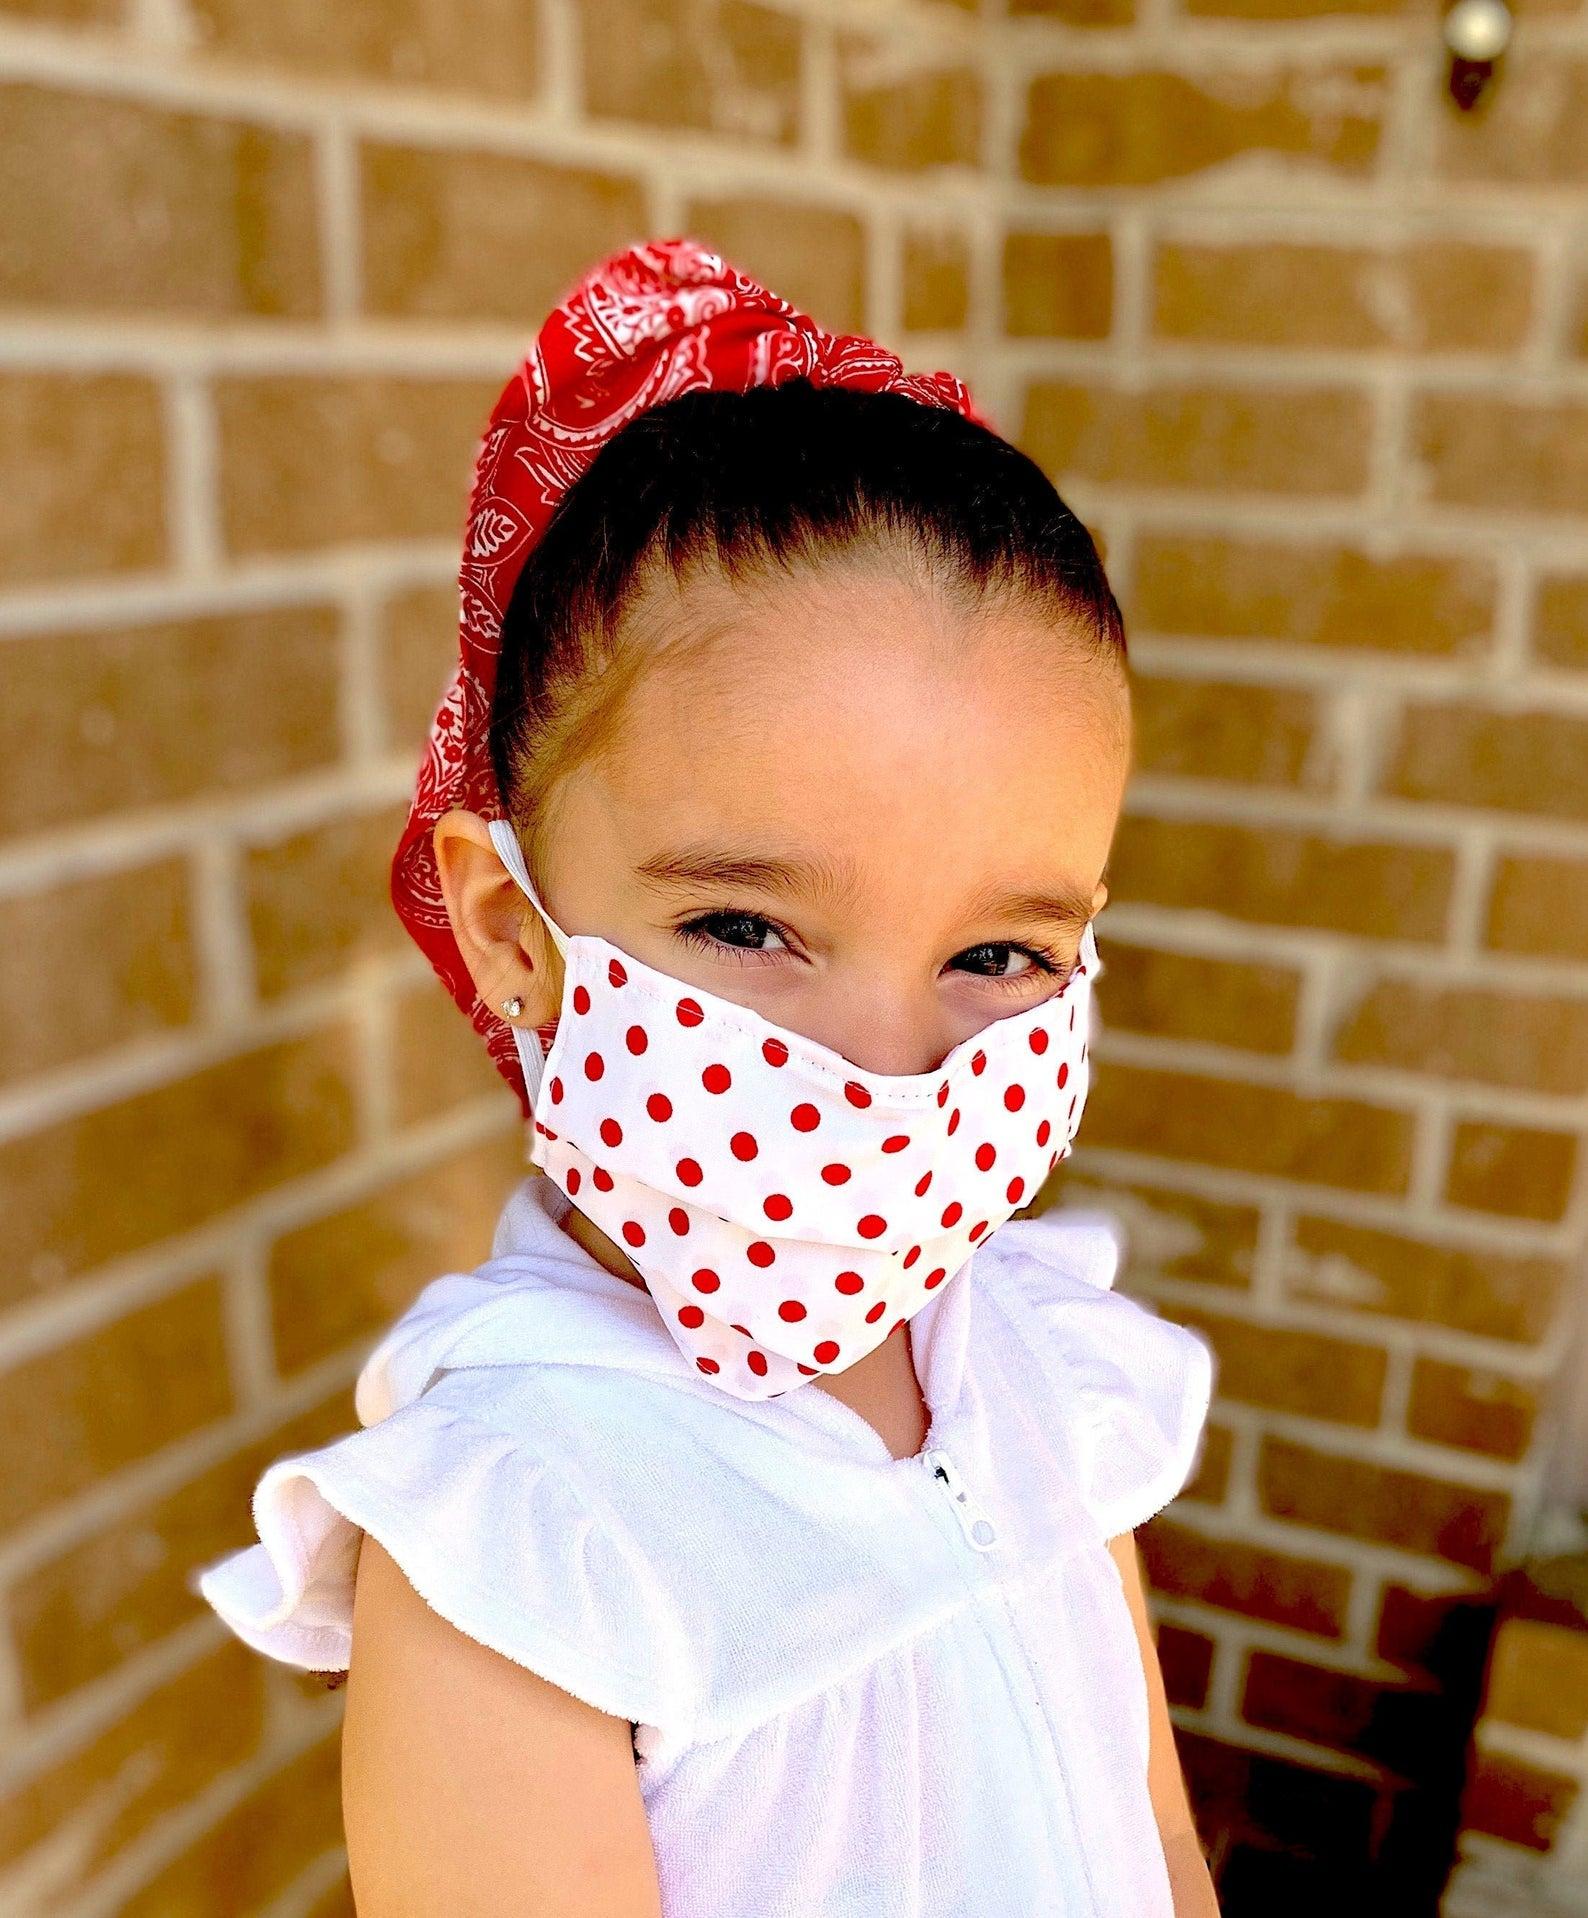 Kids Face Masks On Sale For Coronavirus